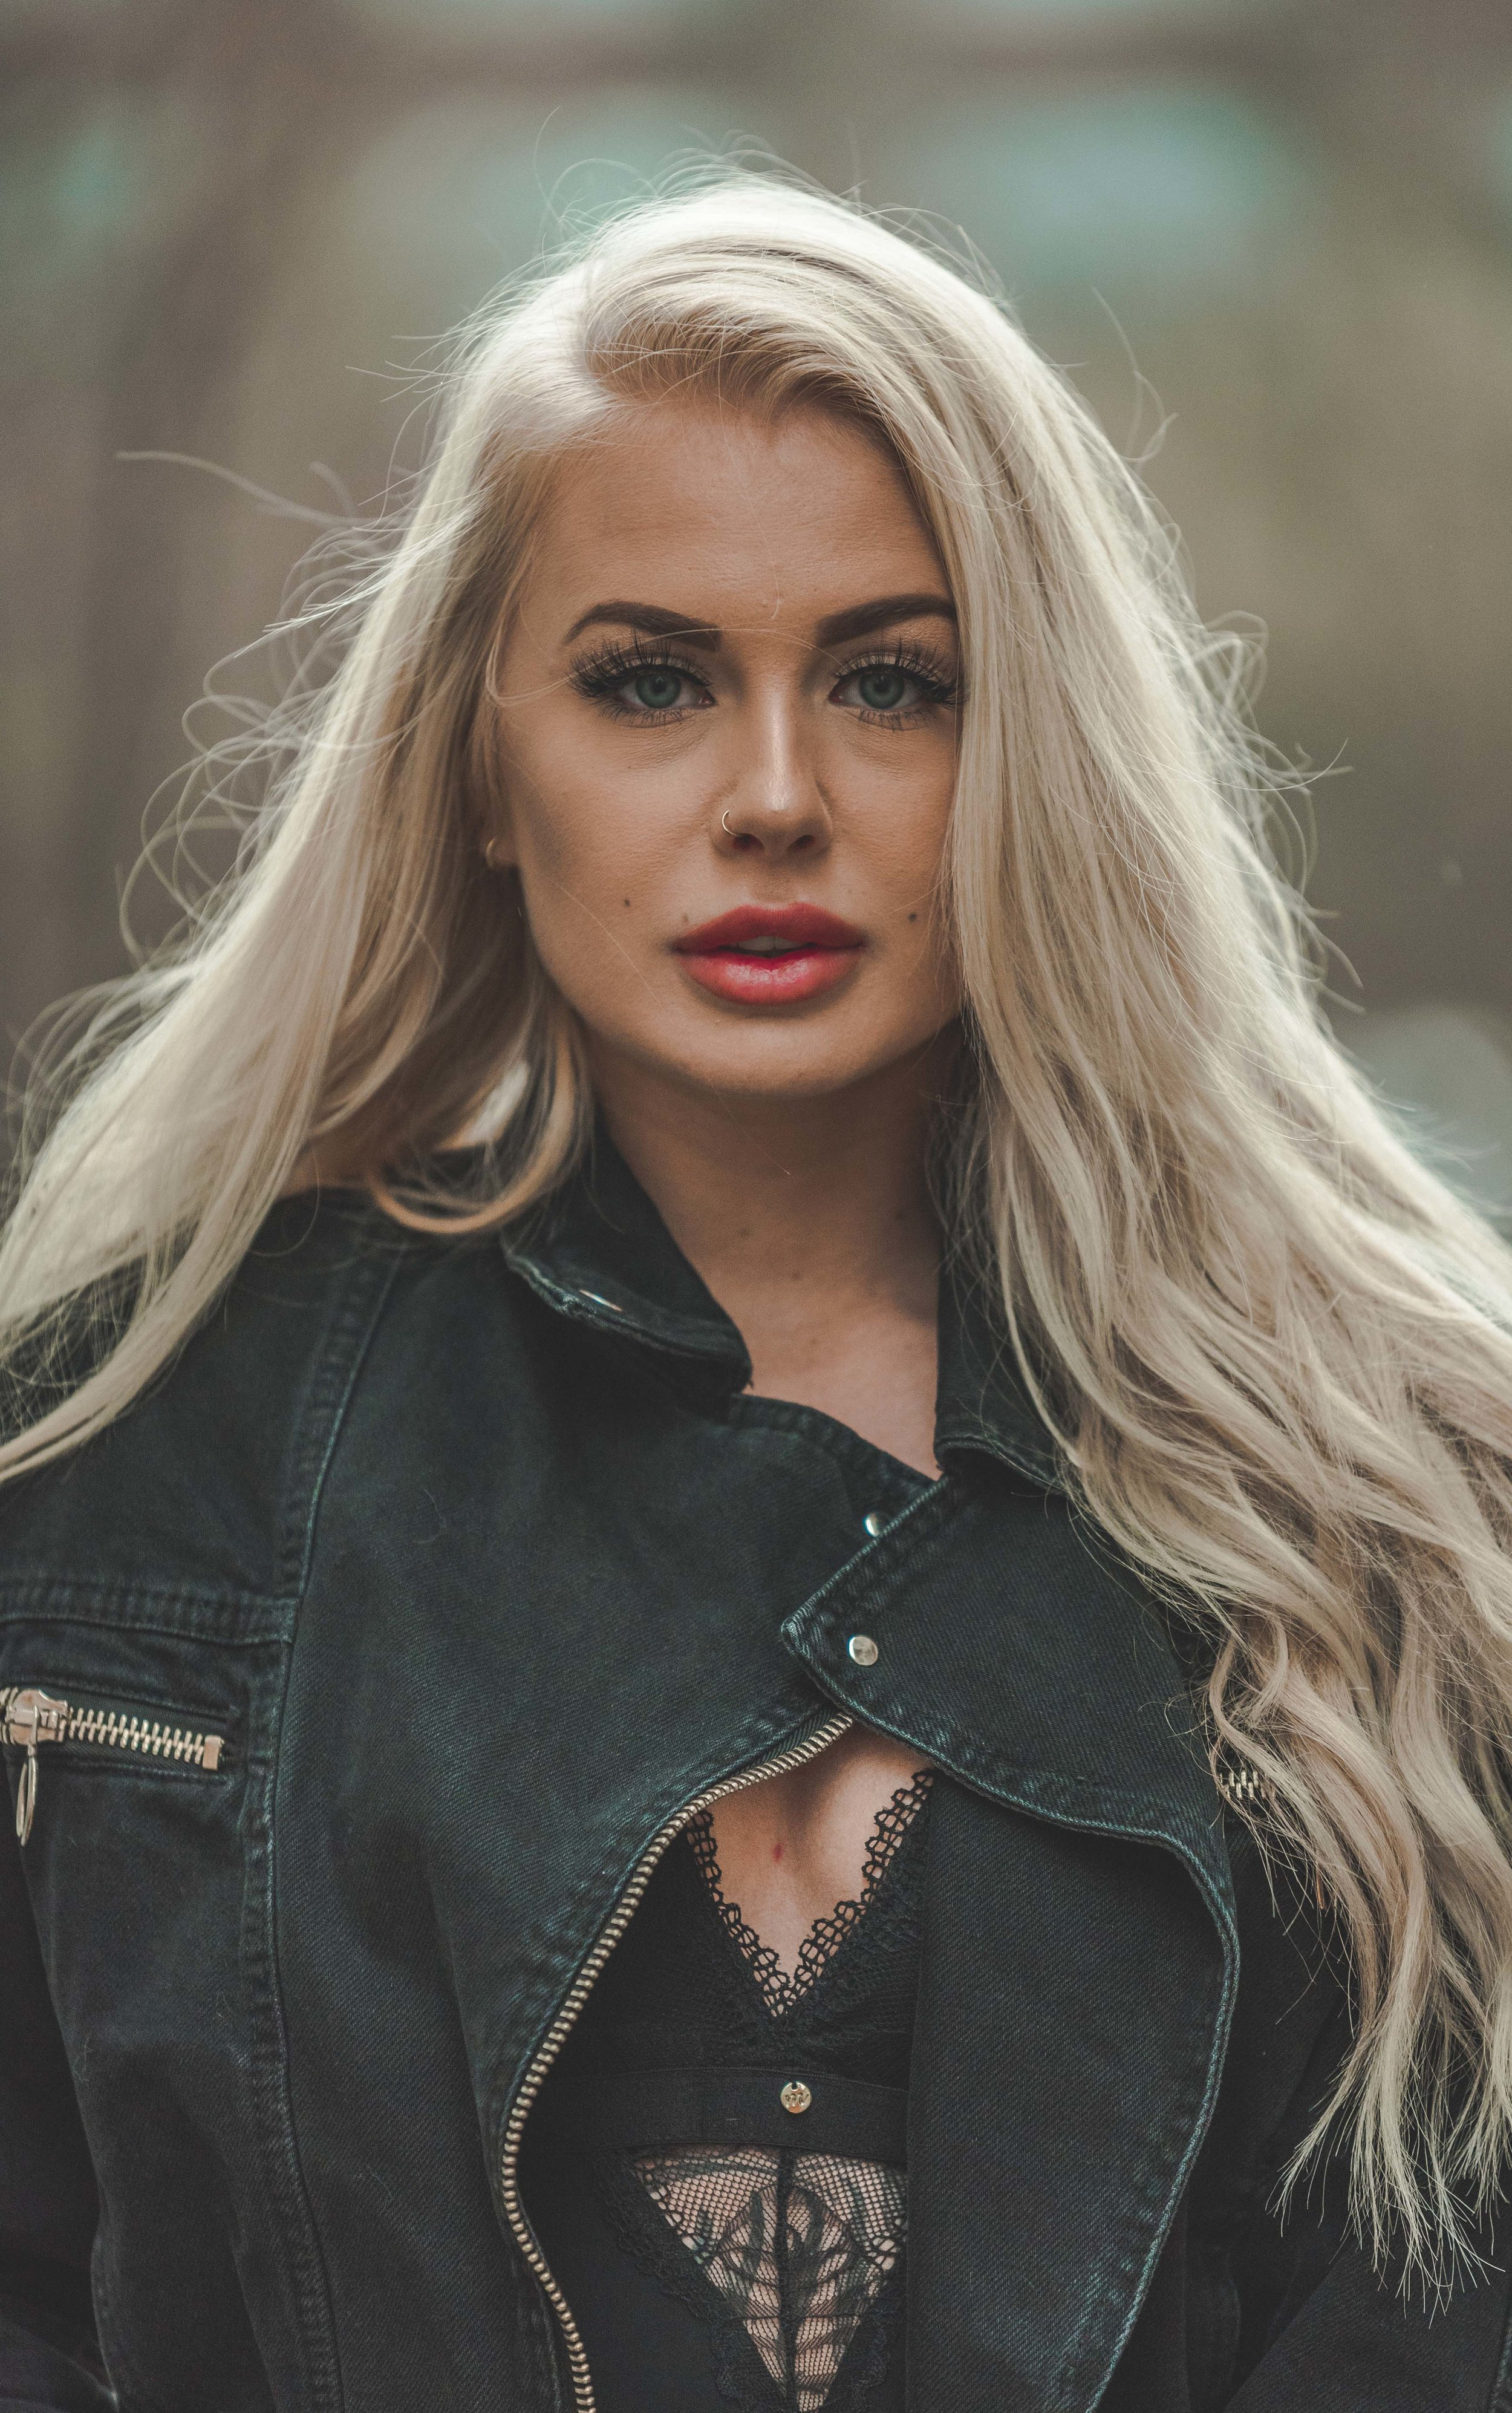 Amanda-170.jpg